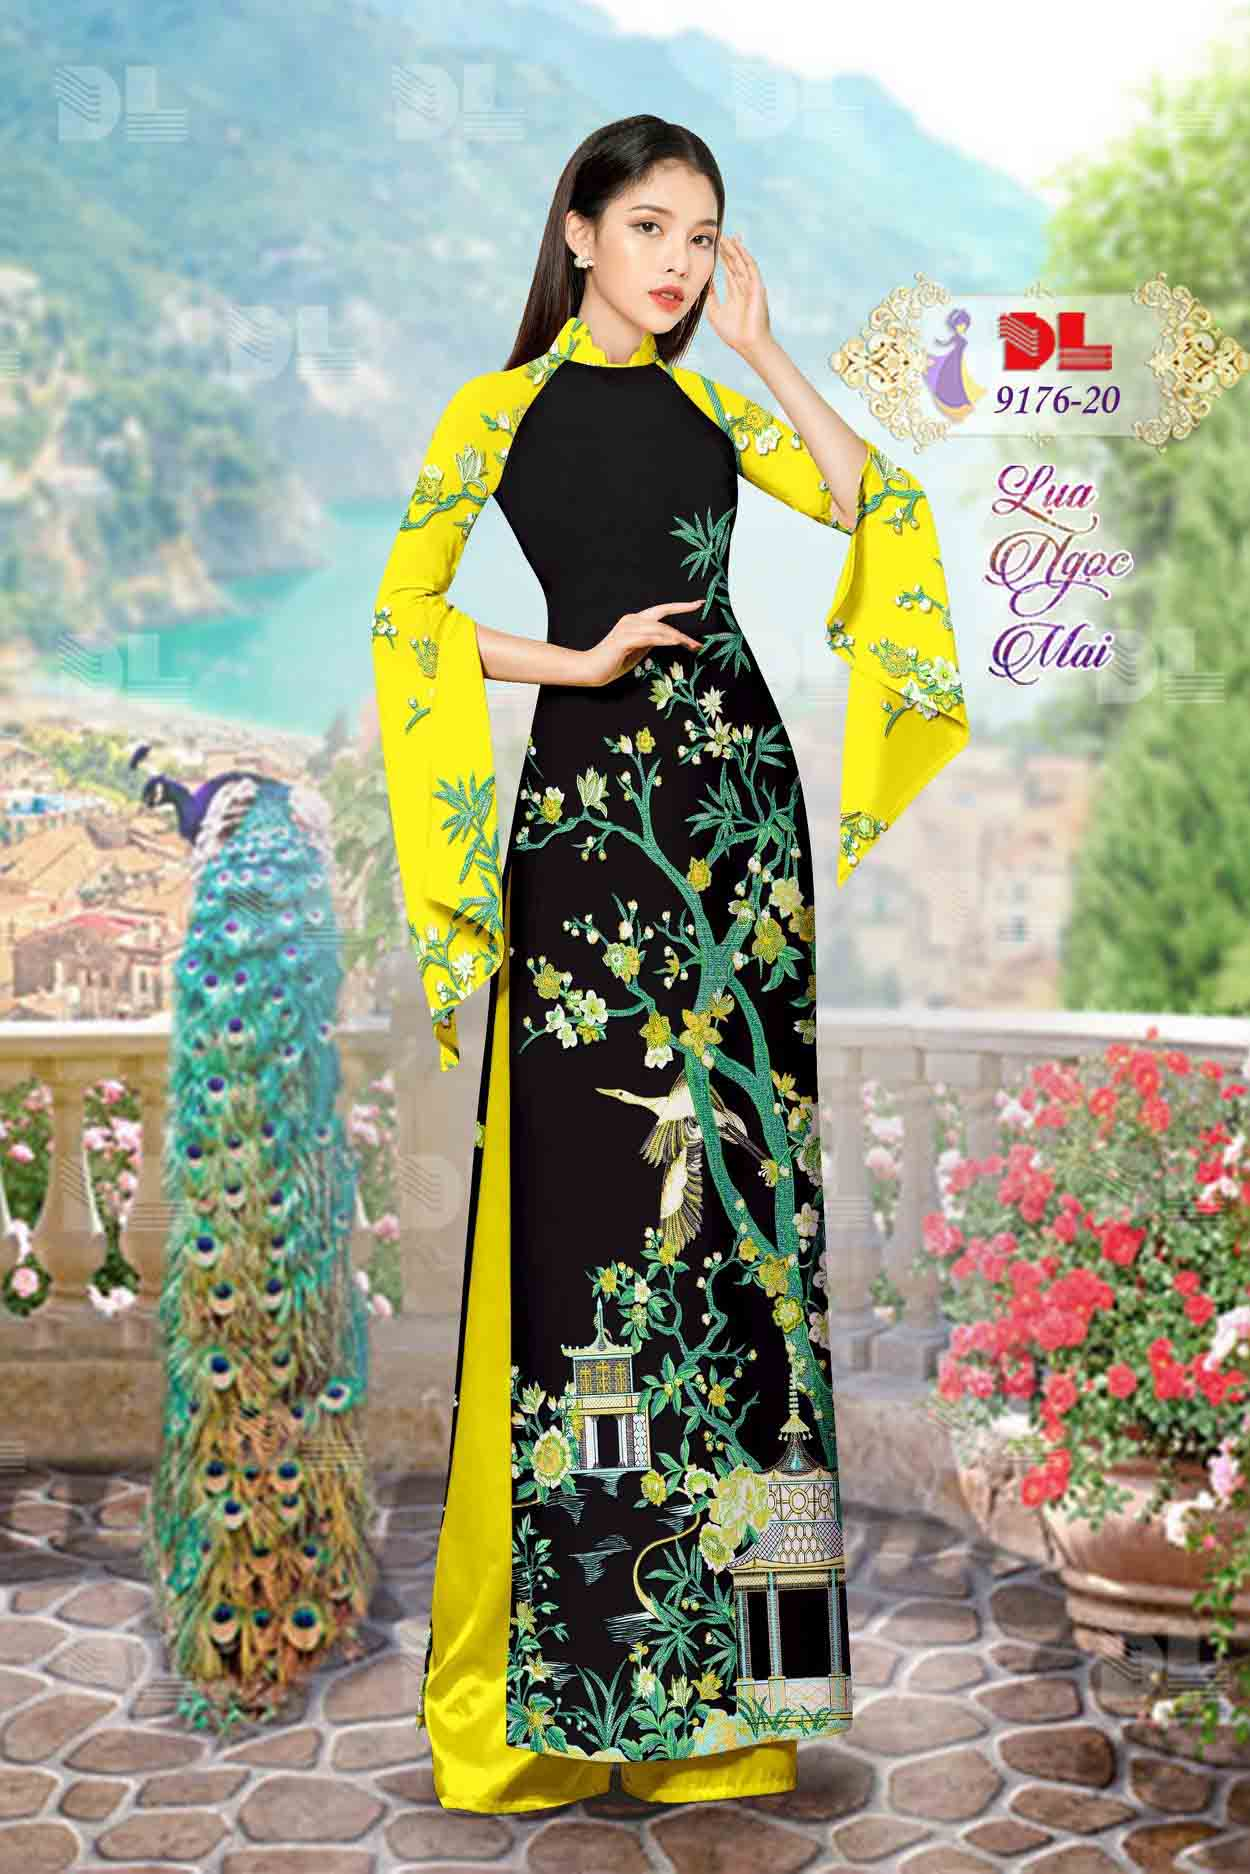 Vải Áo Dài Phong Cảnh AD 9176 64